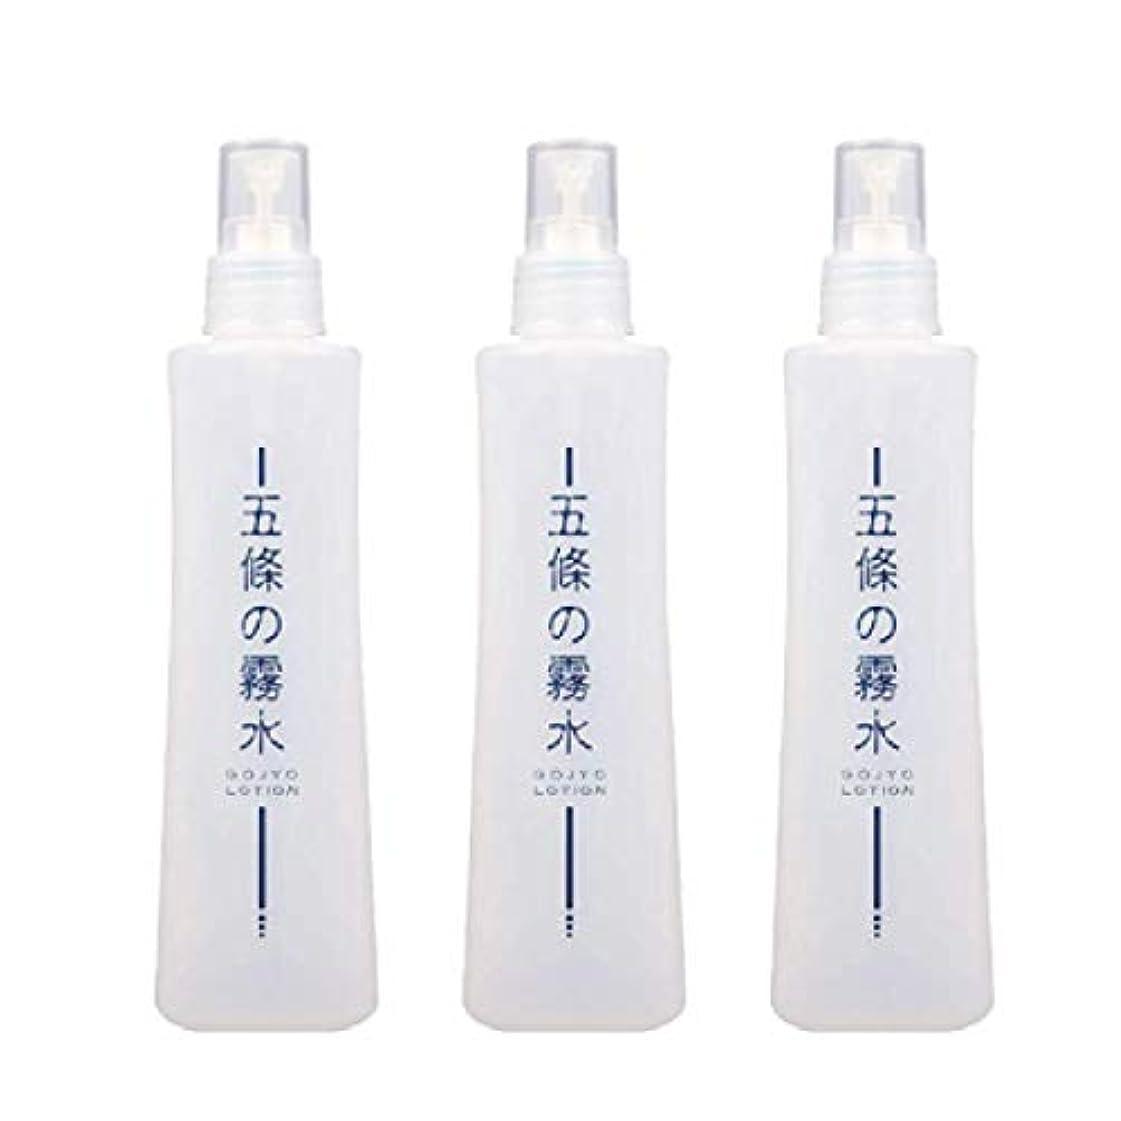 非常に野心的強調五條の霧水ベーシック(3本セット) +アレッポの石鹸1個プレゼント 無添加保湿化粧水